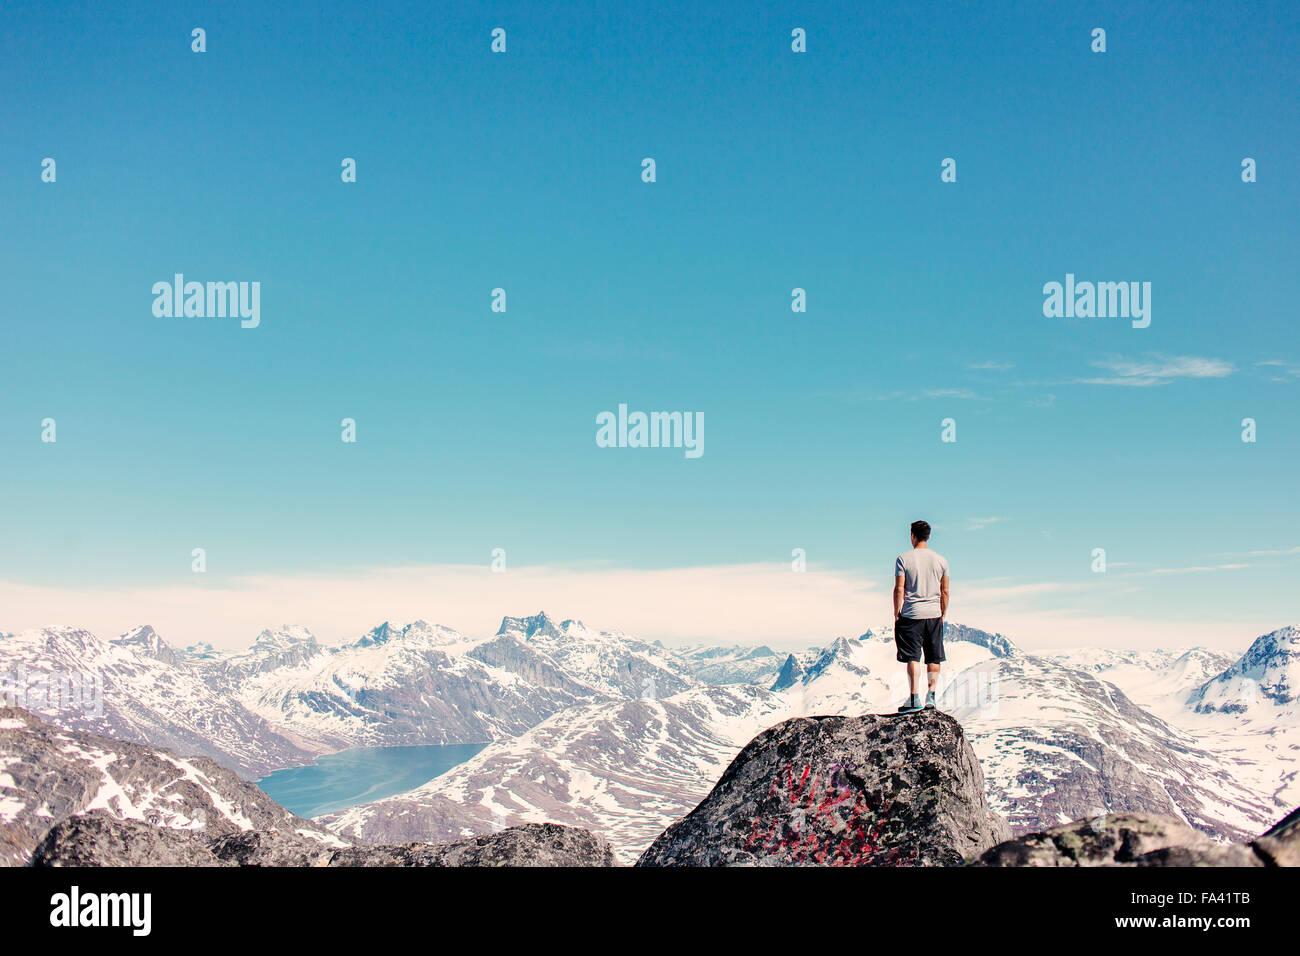 Vista posteriore di uomo in piedi sulla sommità della roccia a guardare montagne coperte di neve Immagini Stock